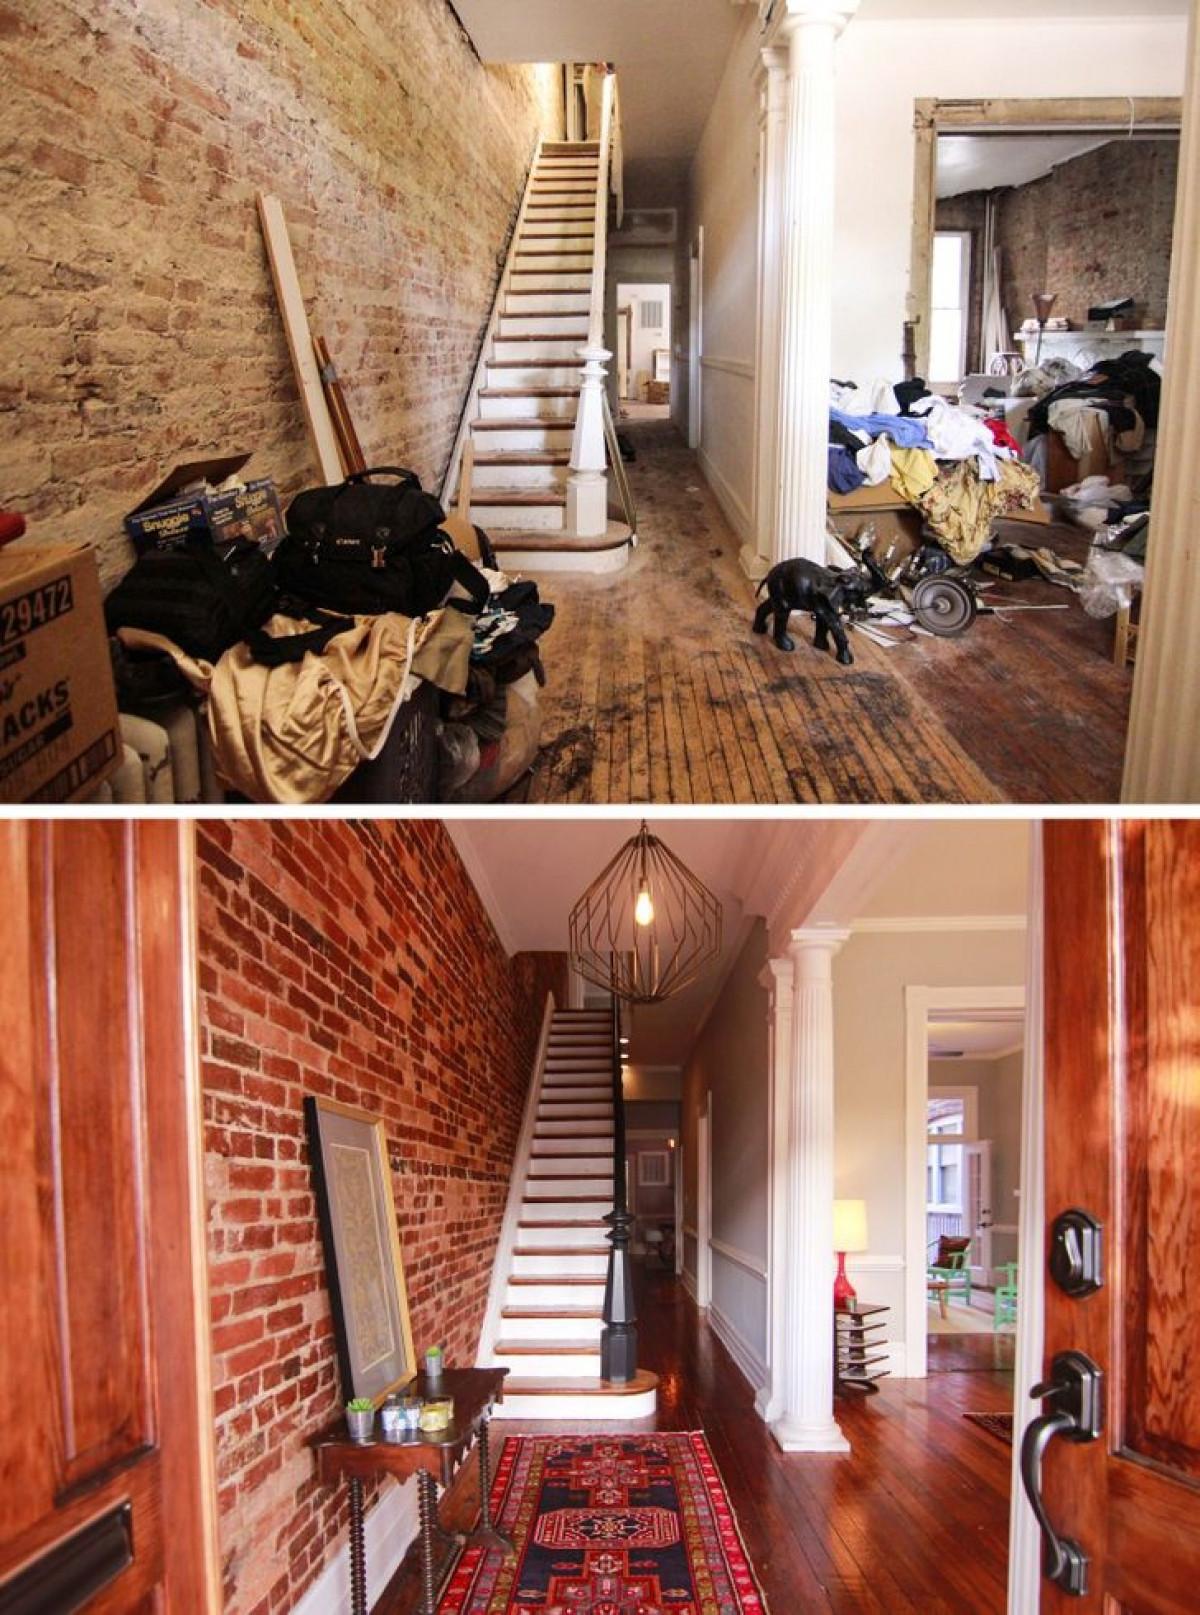 Ngôi nhà 100 năm tuổi sau khi được tu sửa và trang trí.